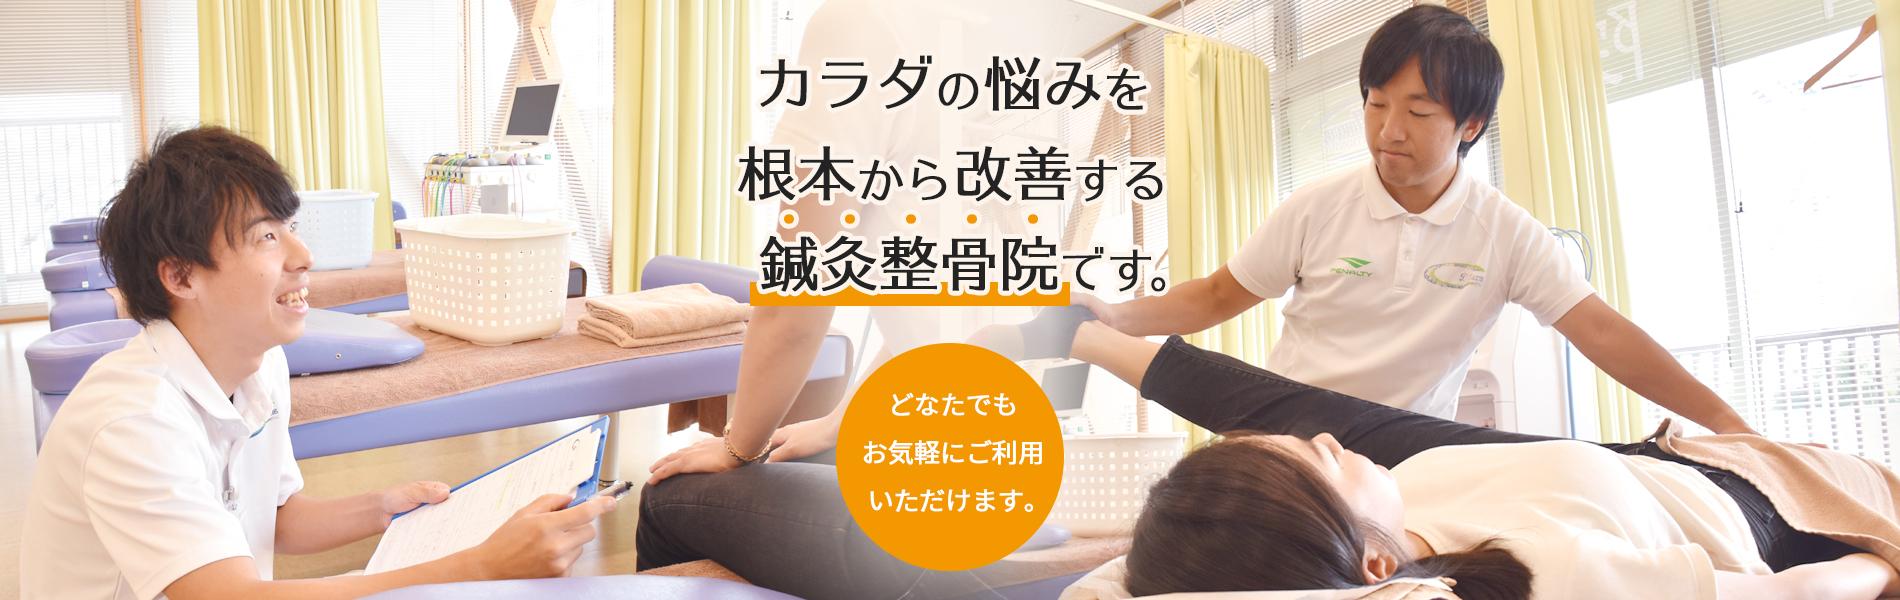 鍼灸整骨院湘南ベルマーレ茅ヶ崎コンディショニングセンター